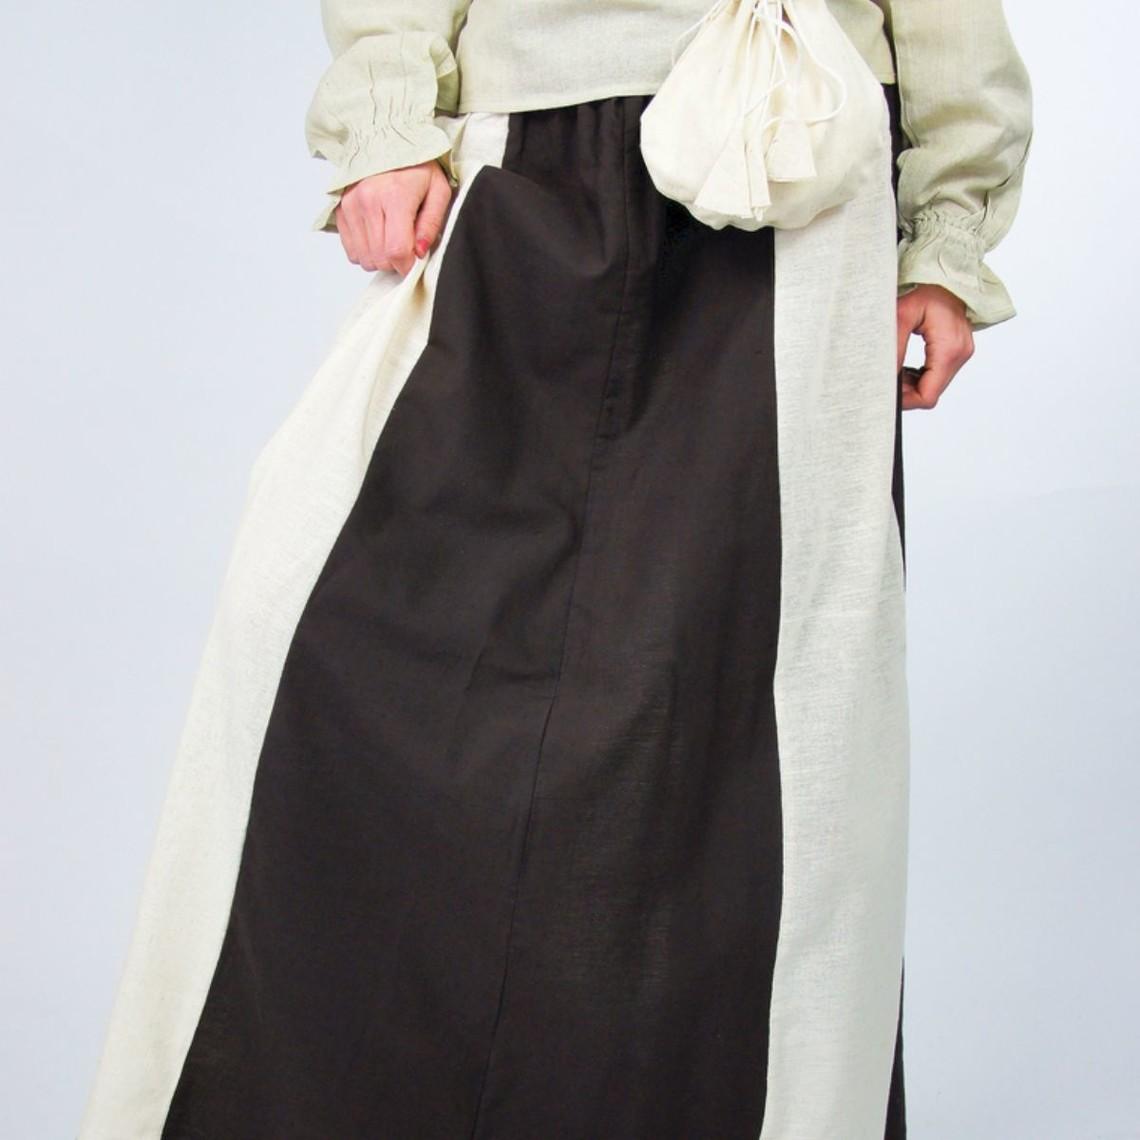 Leonardo Carbone Spódnica Inge, ciemno brązowo-kremowy